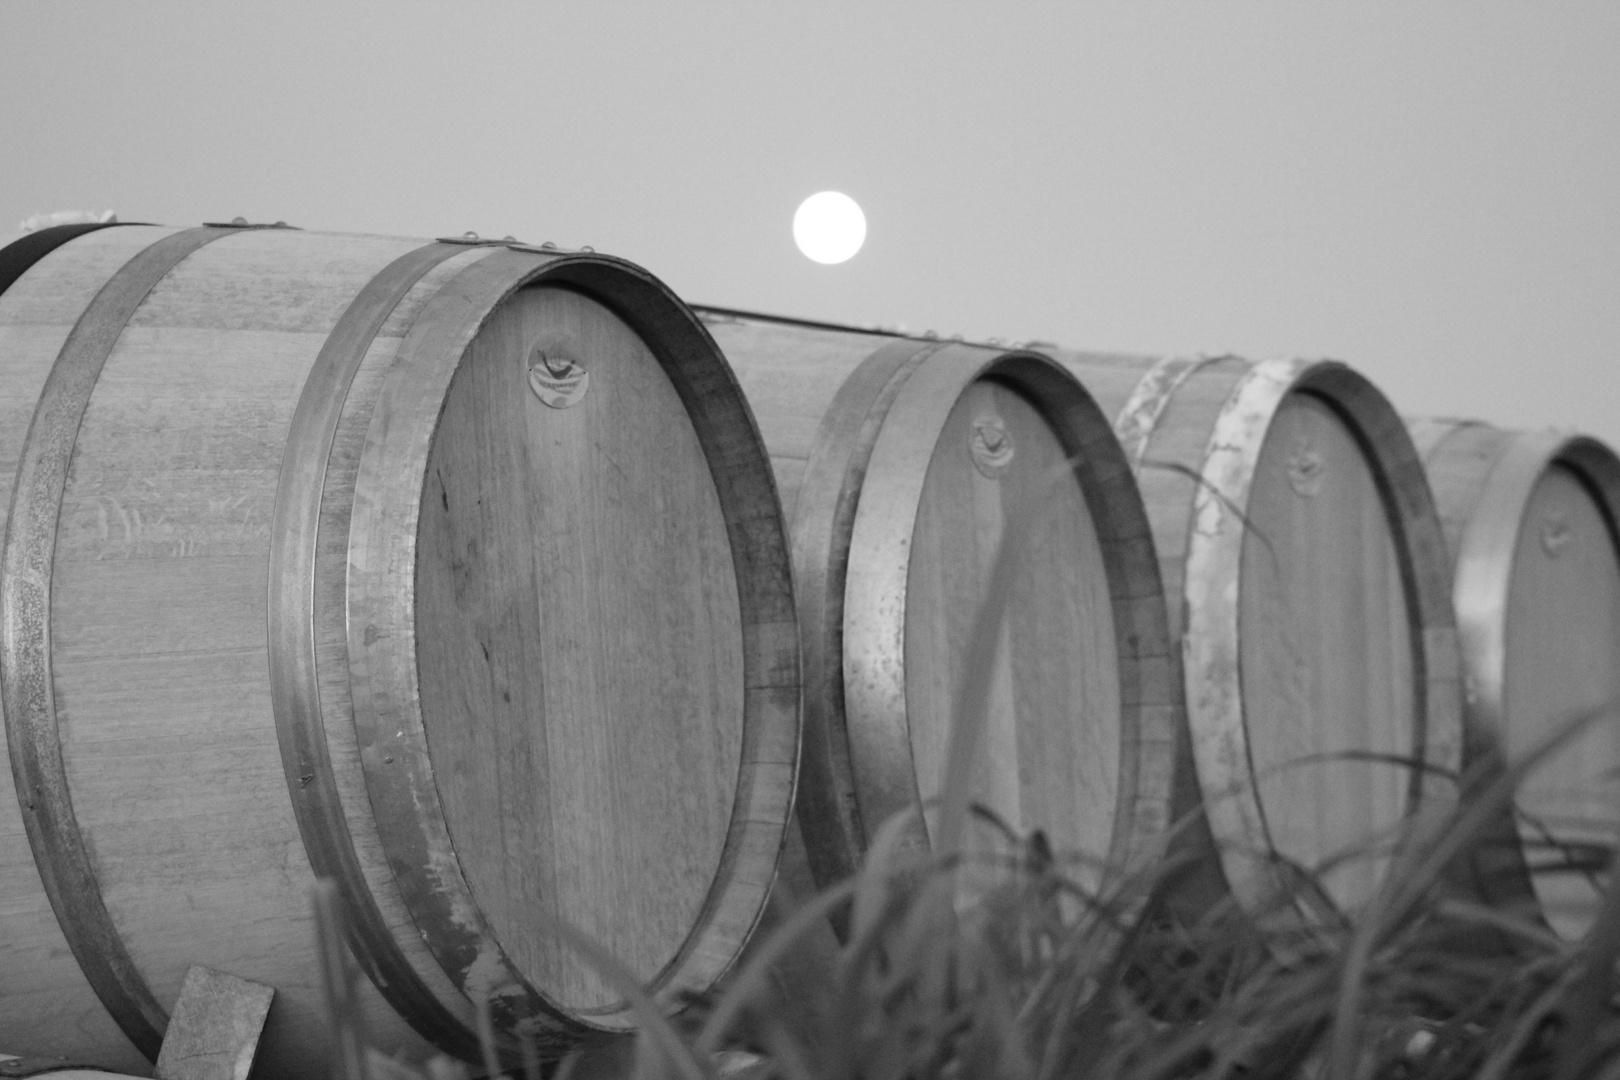 Bal de tonneaux au clair de lune